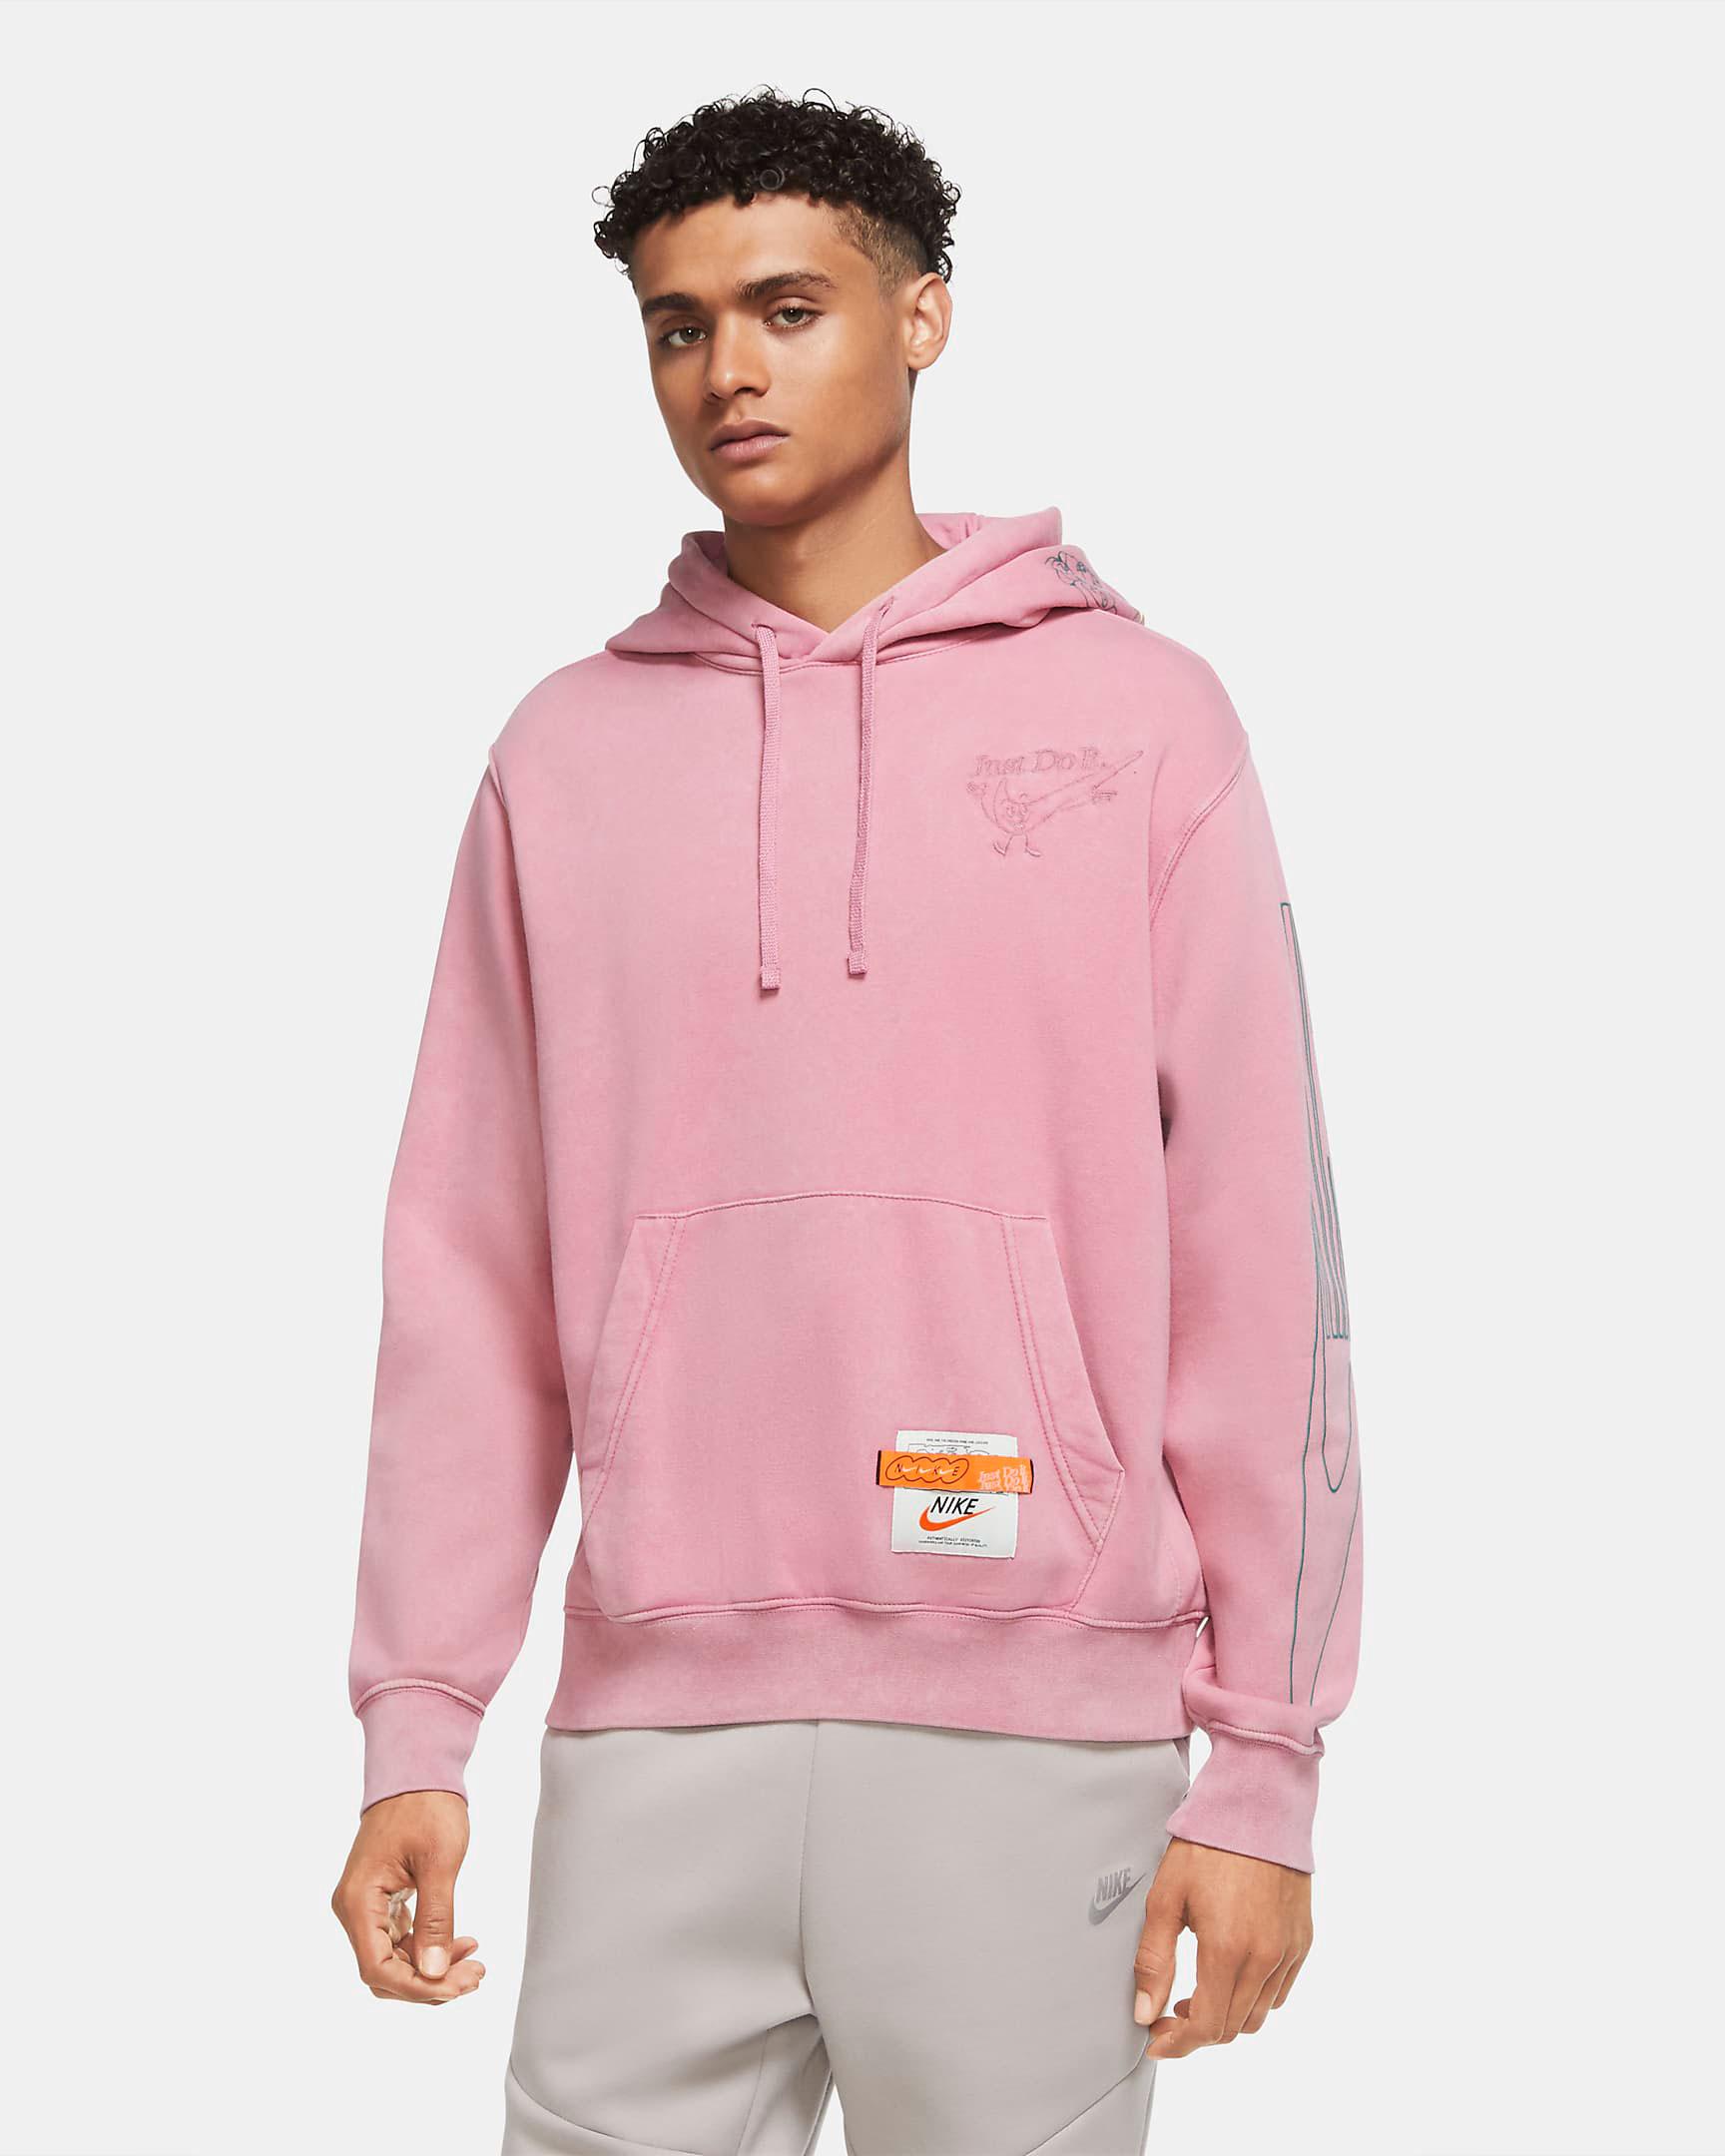 nike-air-max-1-strawberry-lemonade-hoodie-1